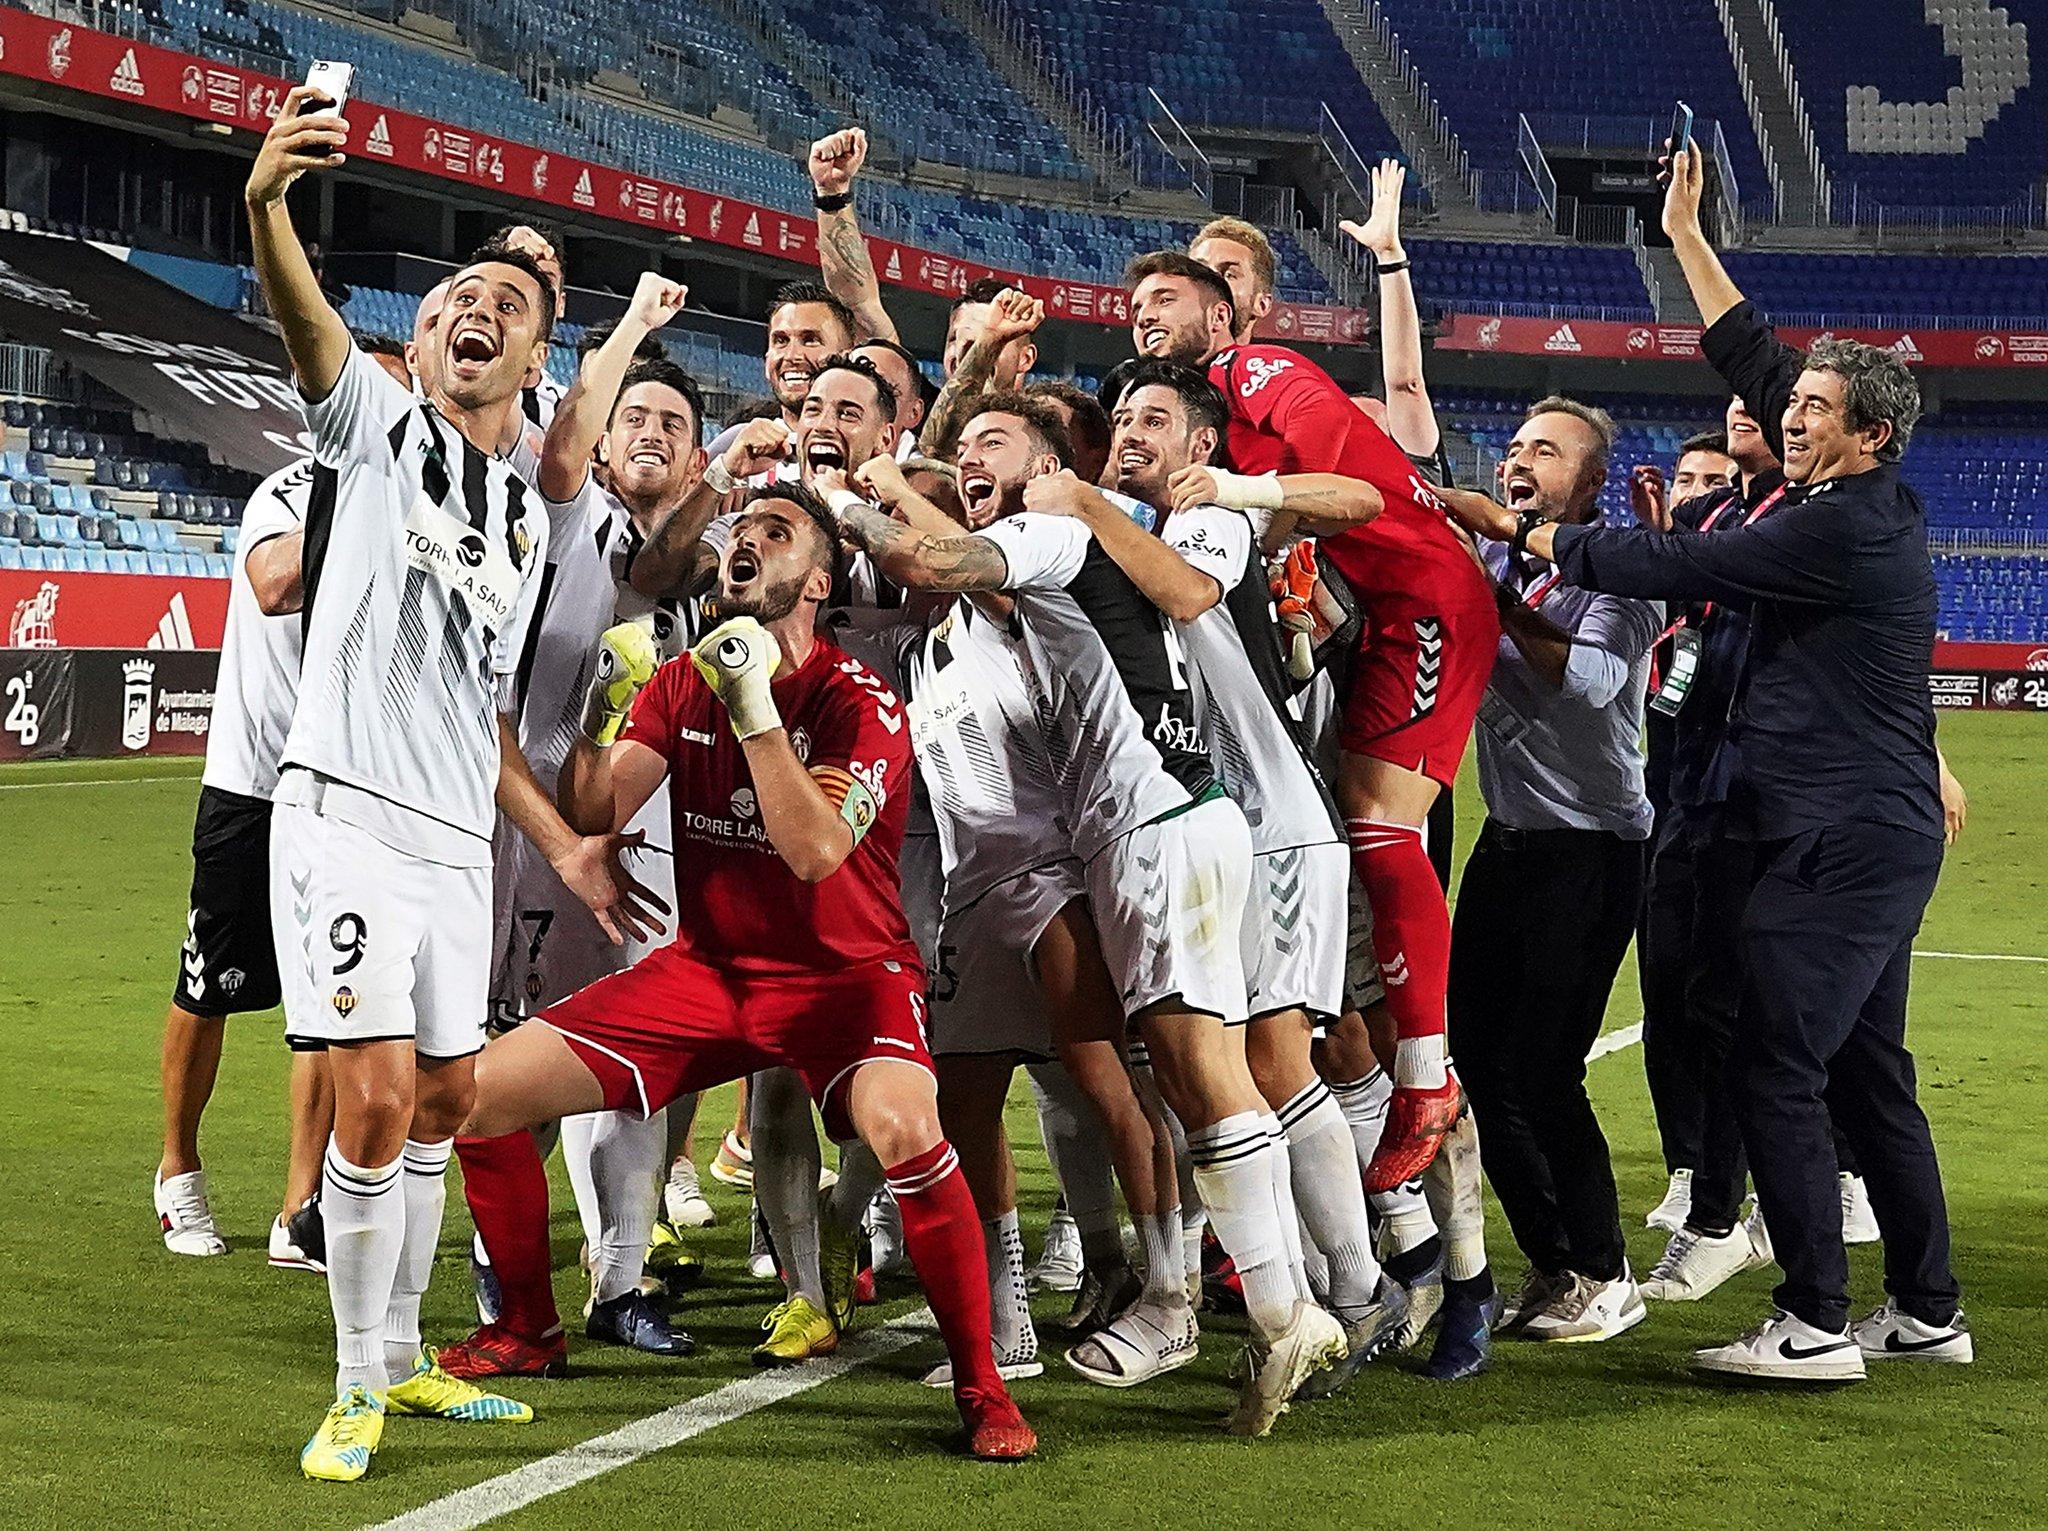 La plantilla del Castellón haciéndose un selfie en la celebración